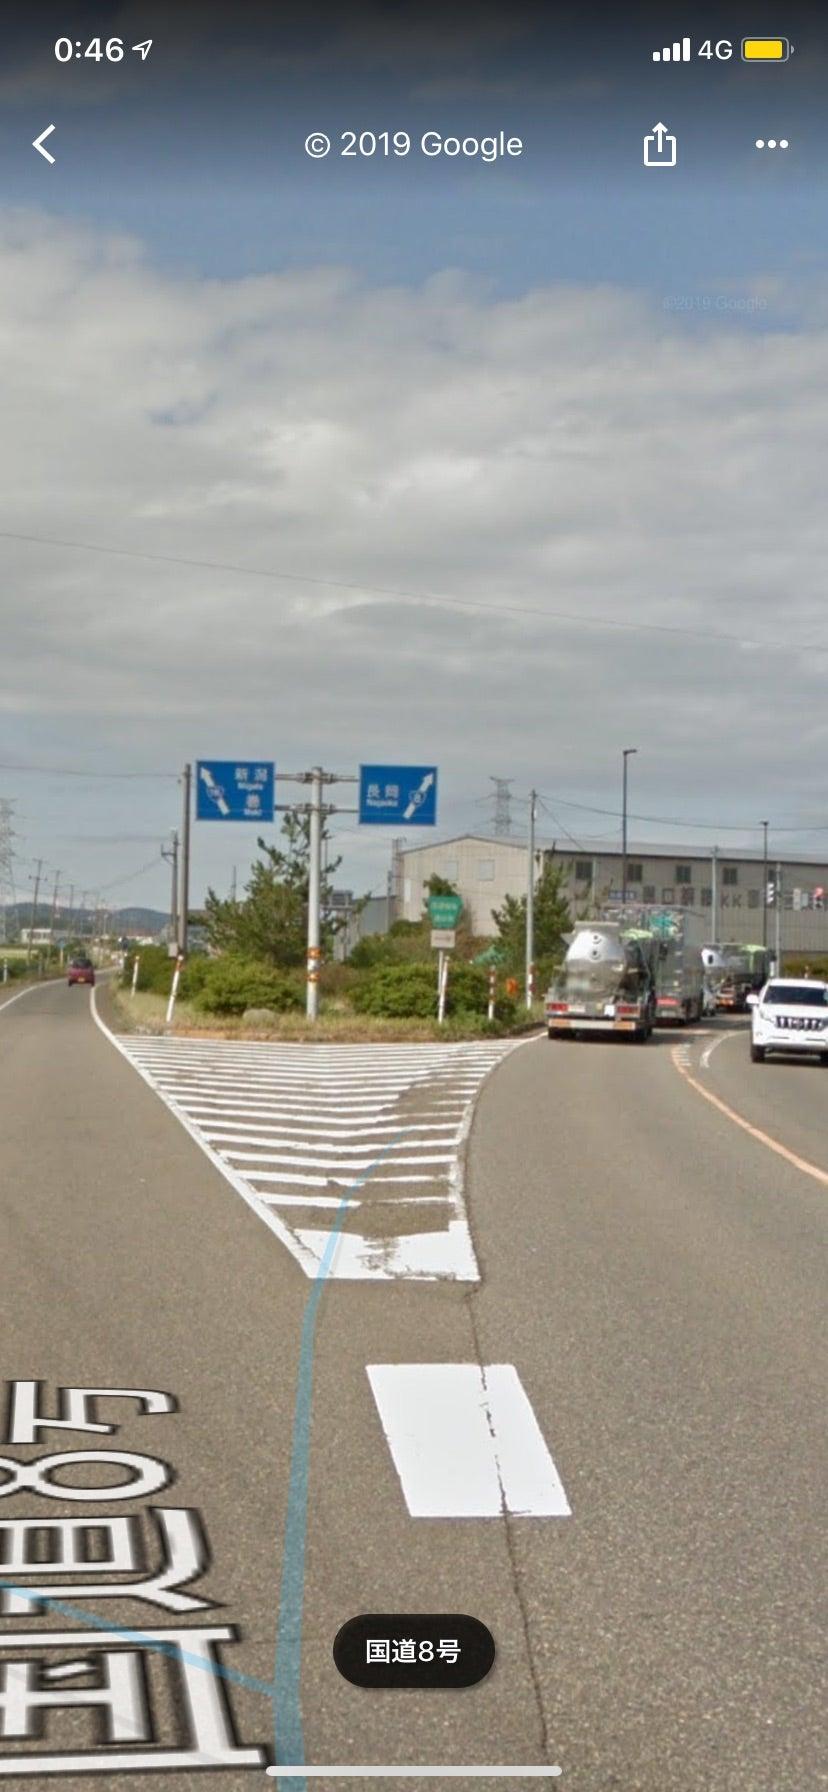 国道116号線 | まことイキイキの道路マニア☺️